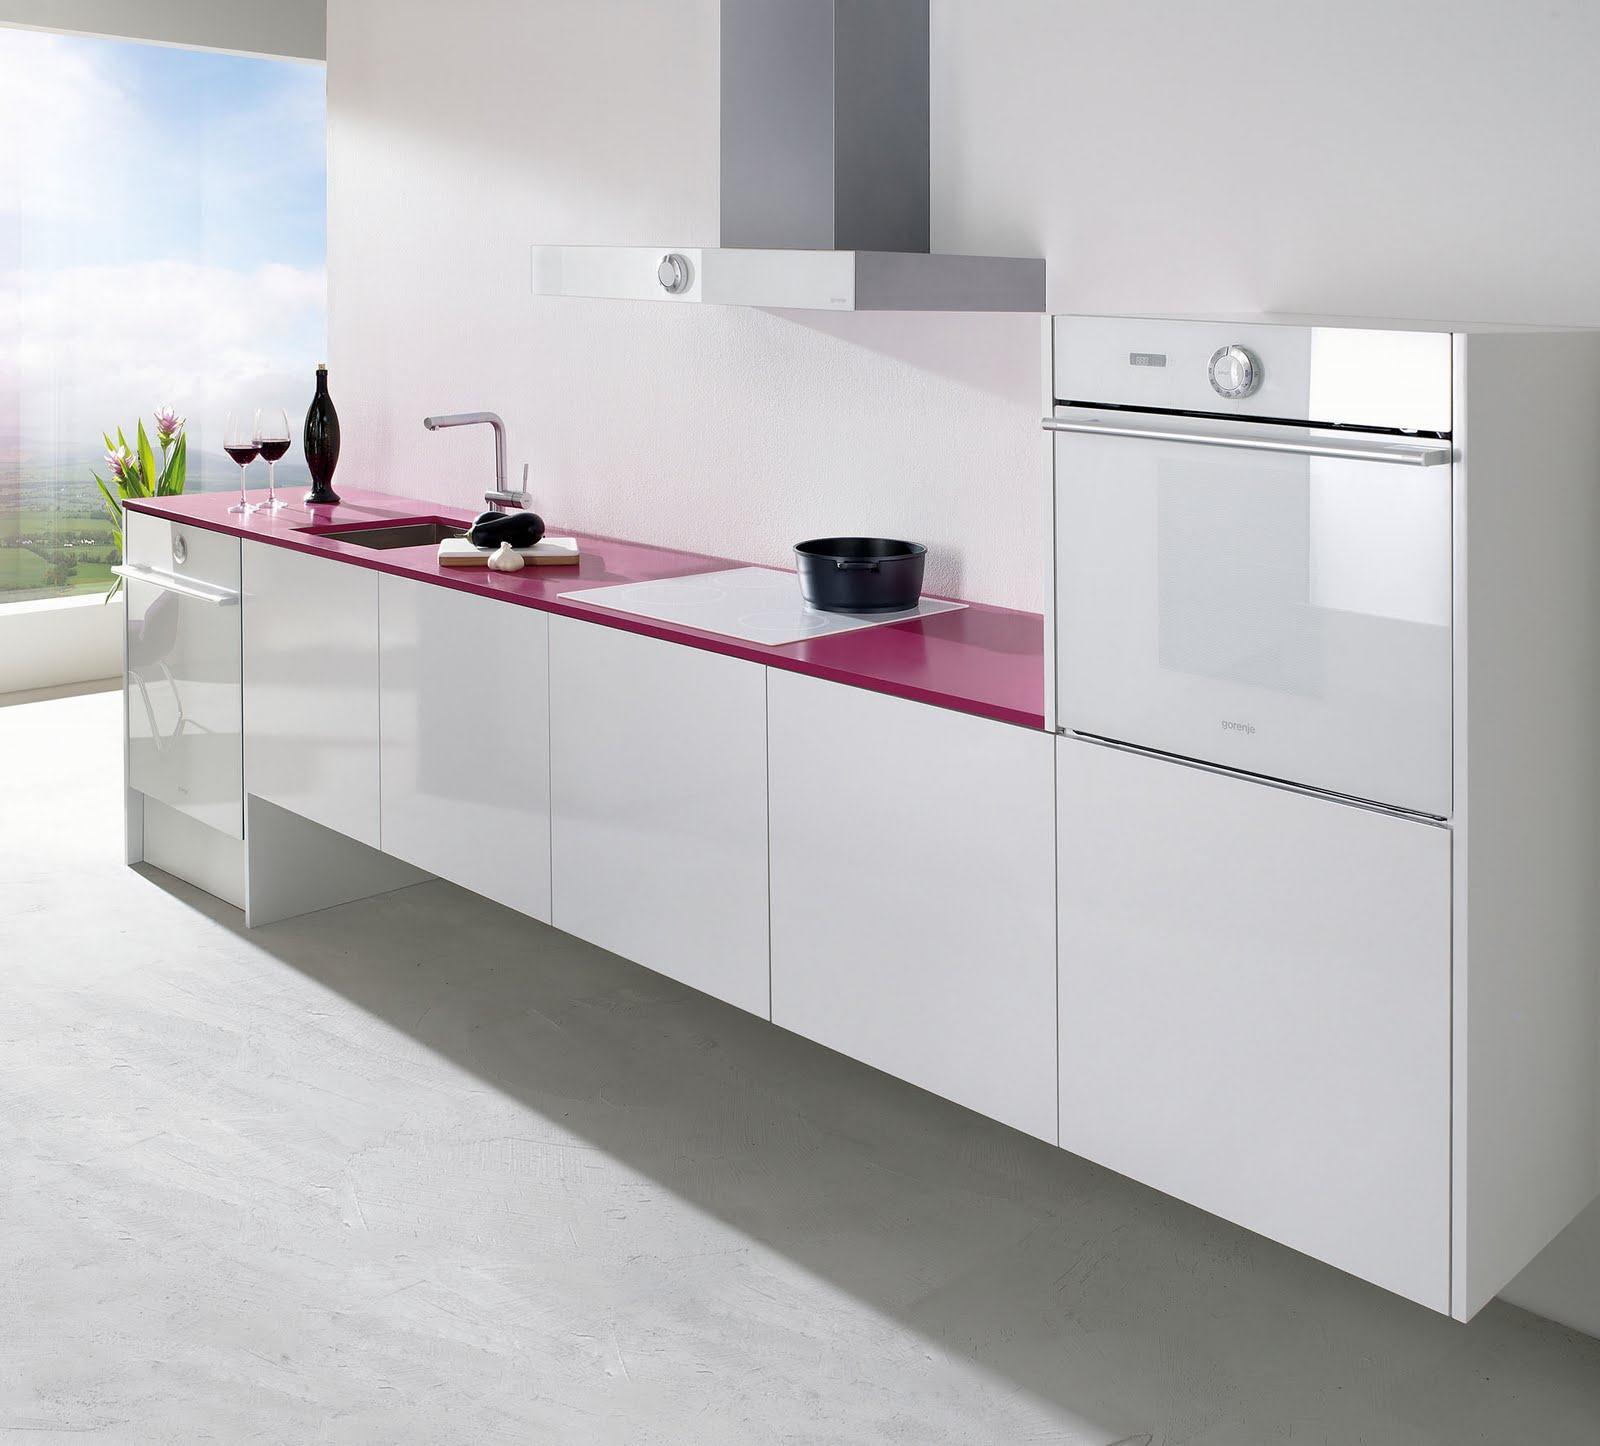 Κουζίνα 906 κατασκευαστησ: καλαντζησ